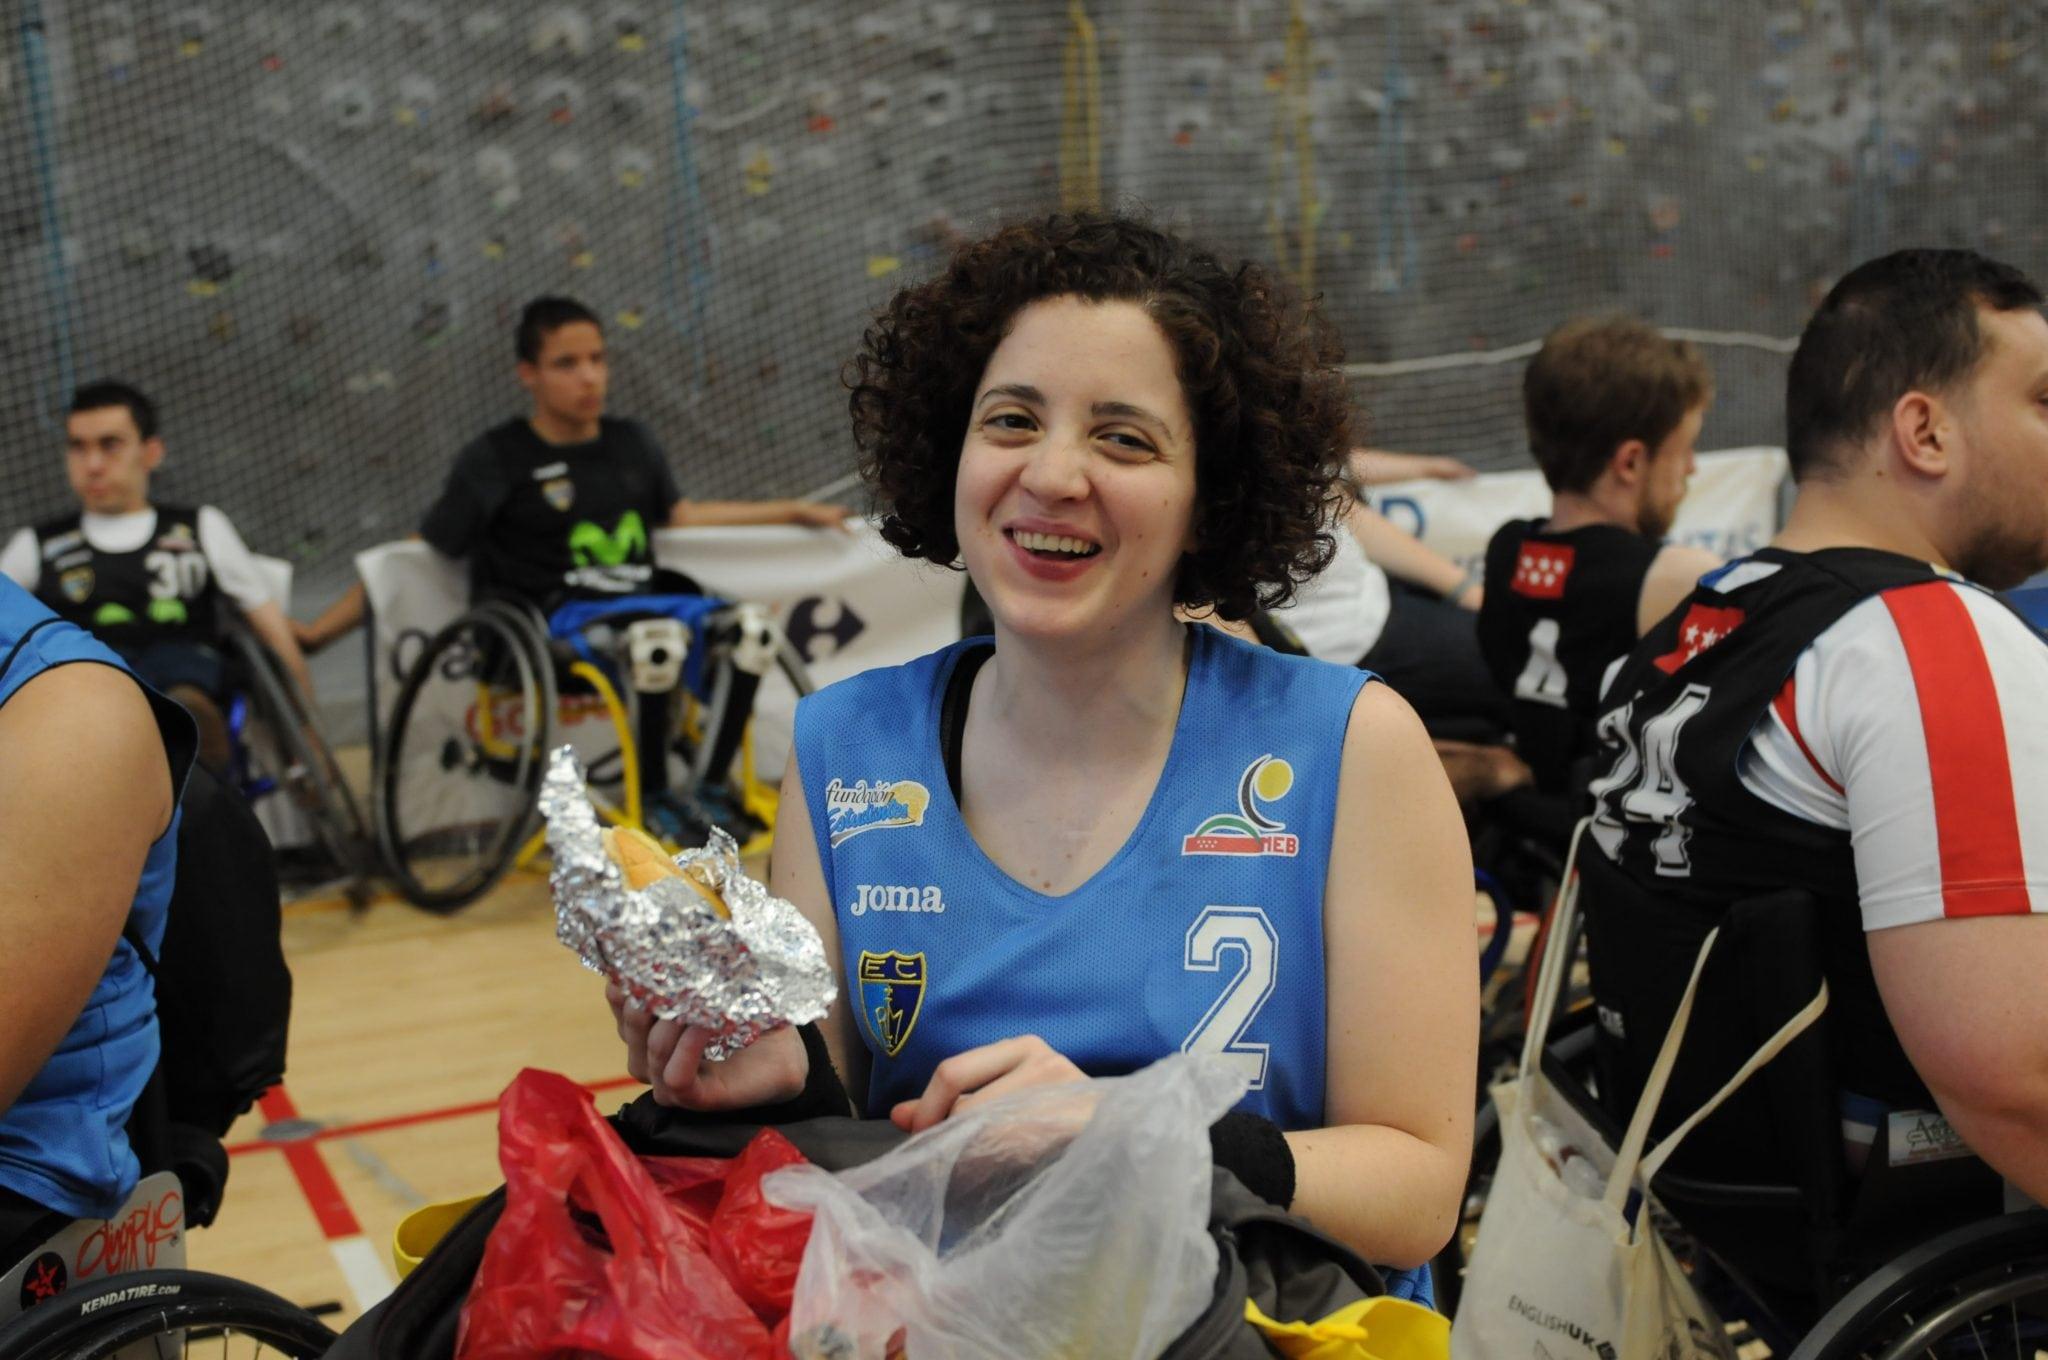 El equipo de baloncesto en silla de ruedas de Movistar Estudiantes, EstuAMEB, en el VI Torneo de Escuelas Zuzenak BSR de Vitoria.